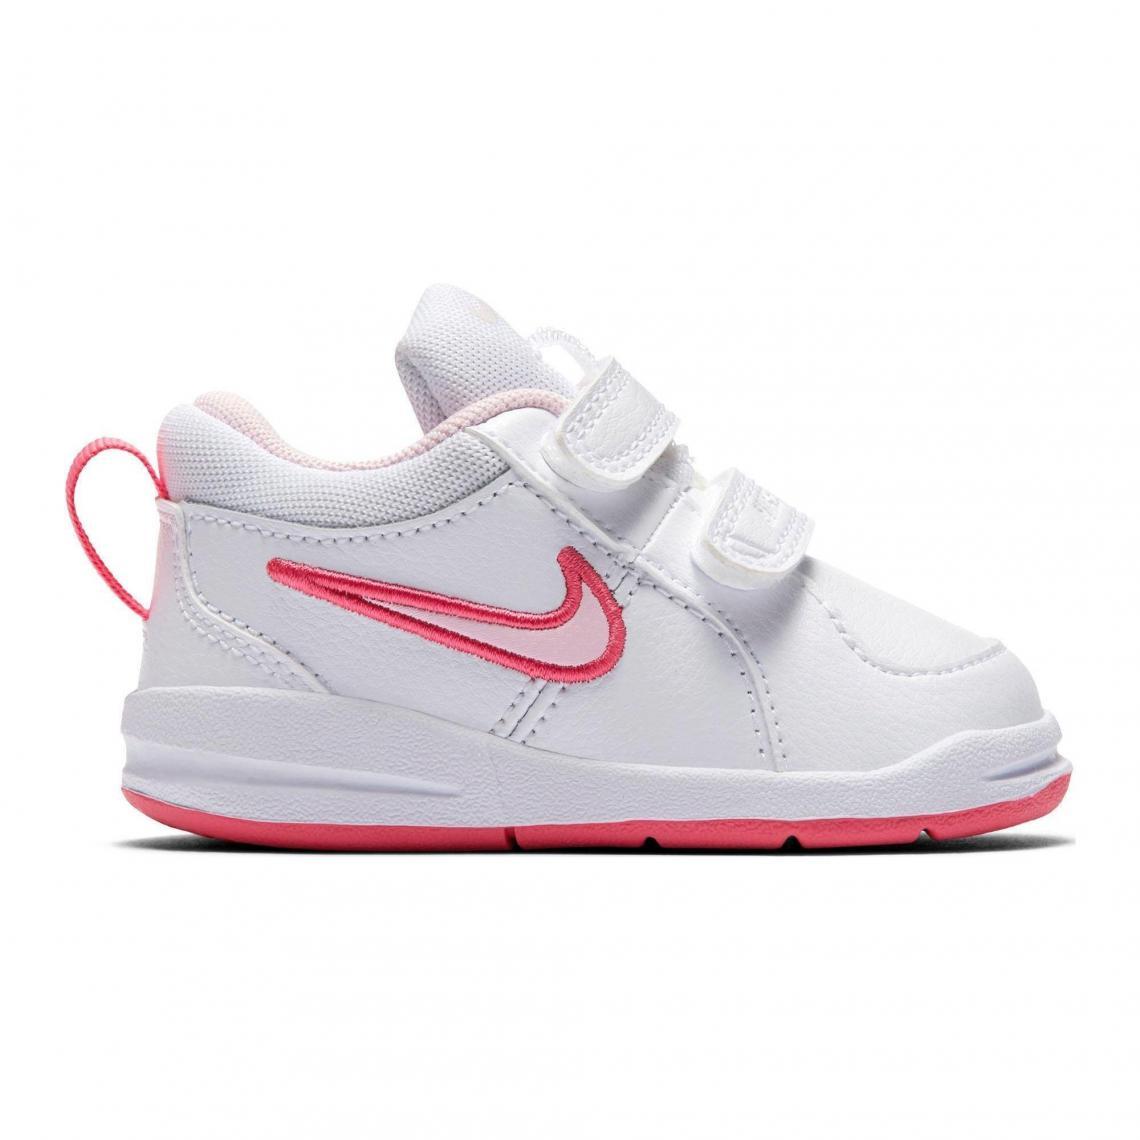 factory authentic 9baee 658de Chaussures de sport fille Nike